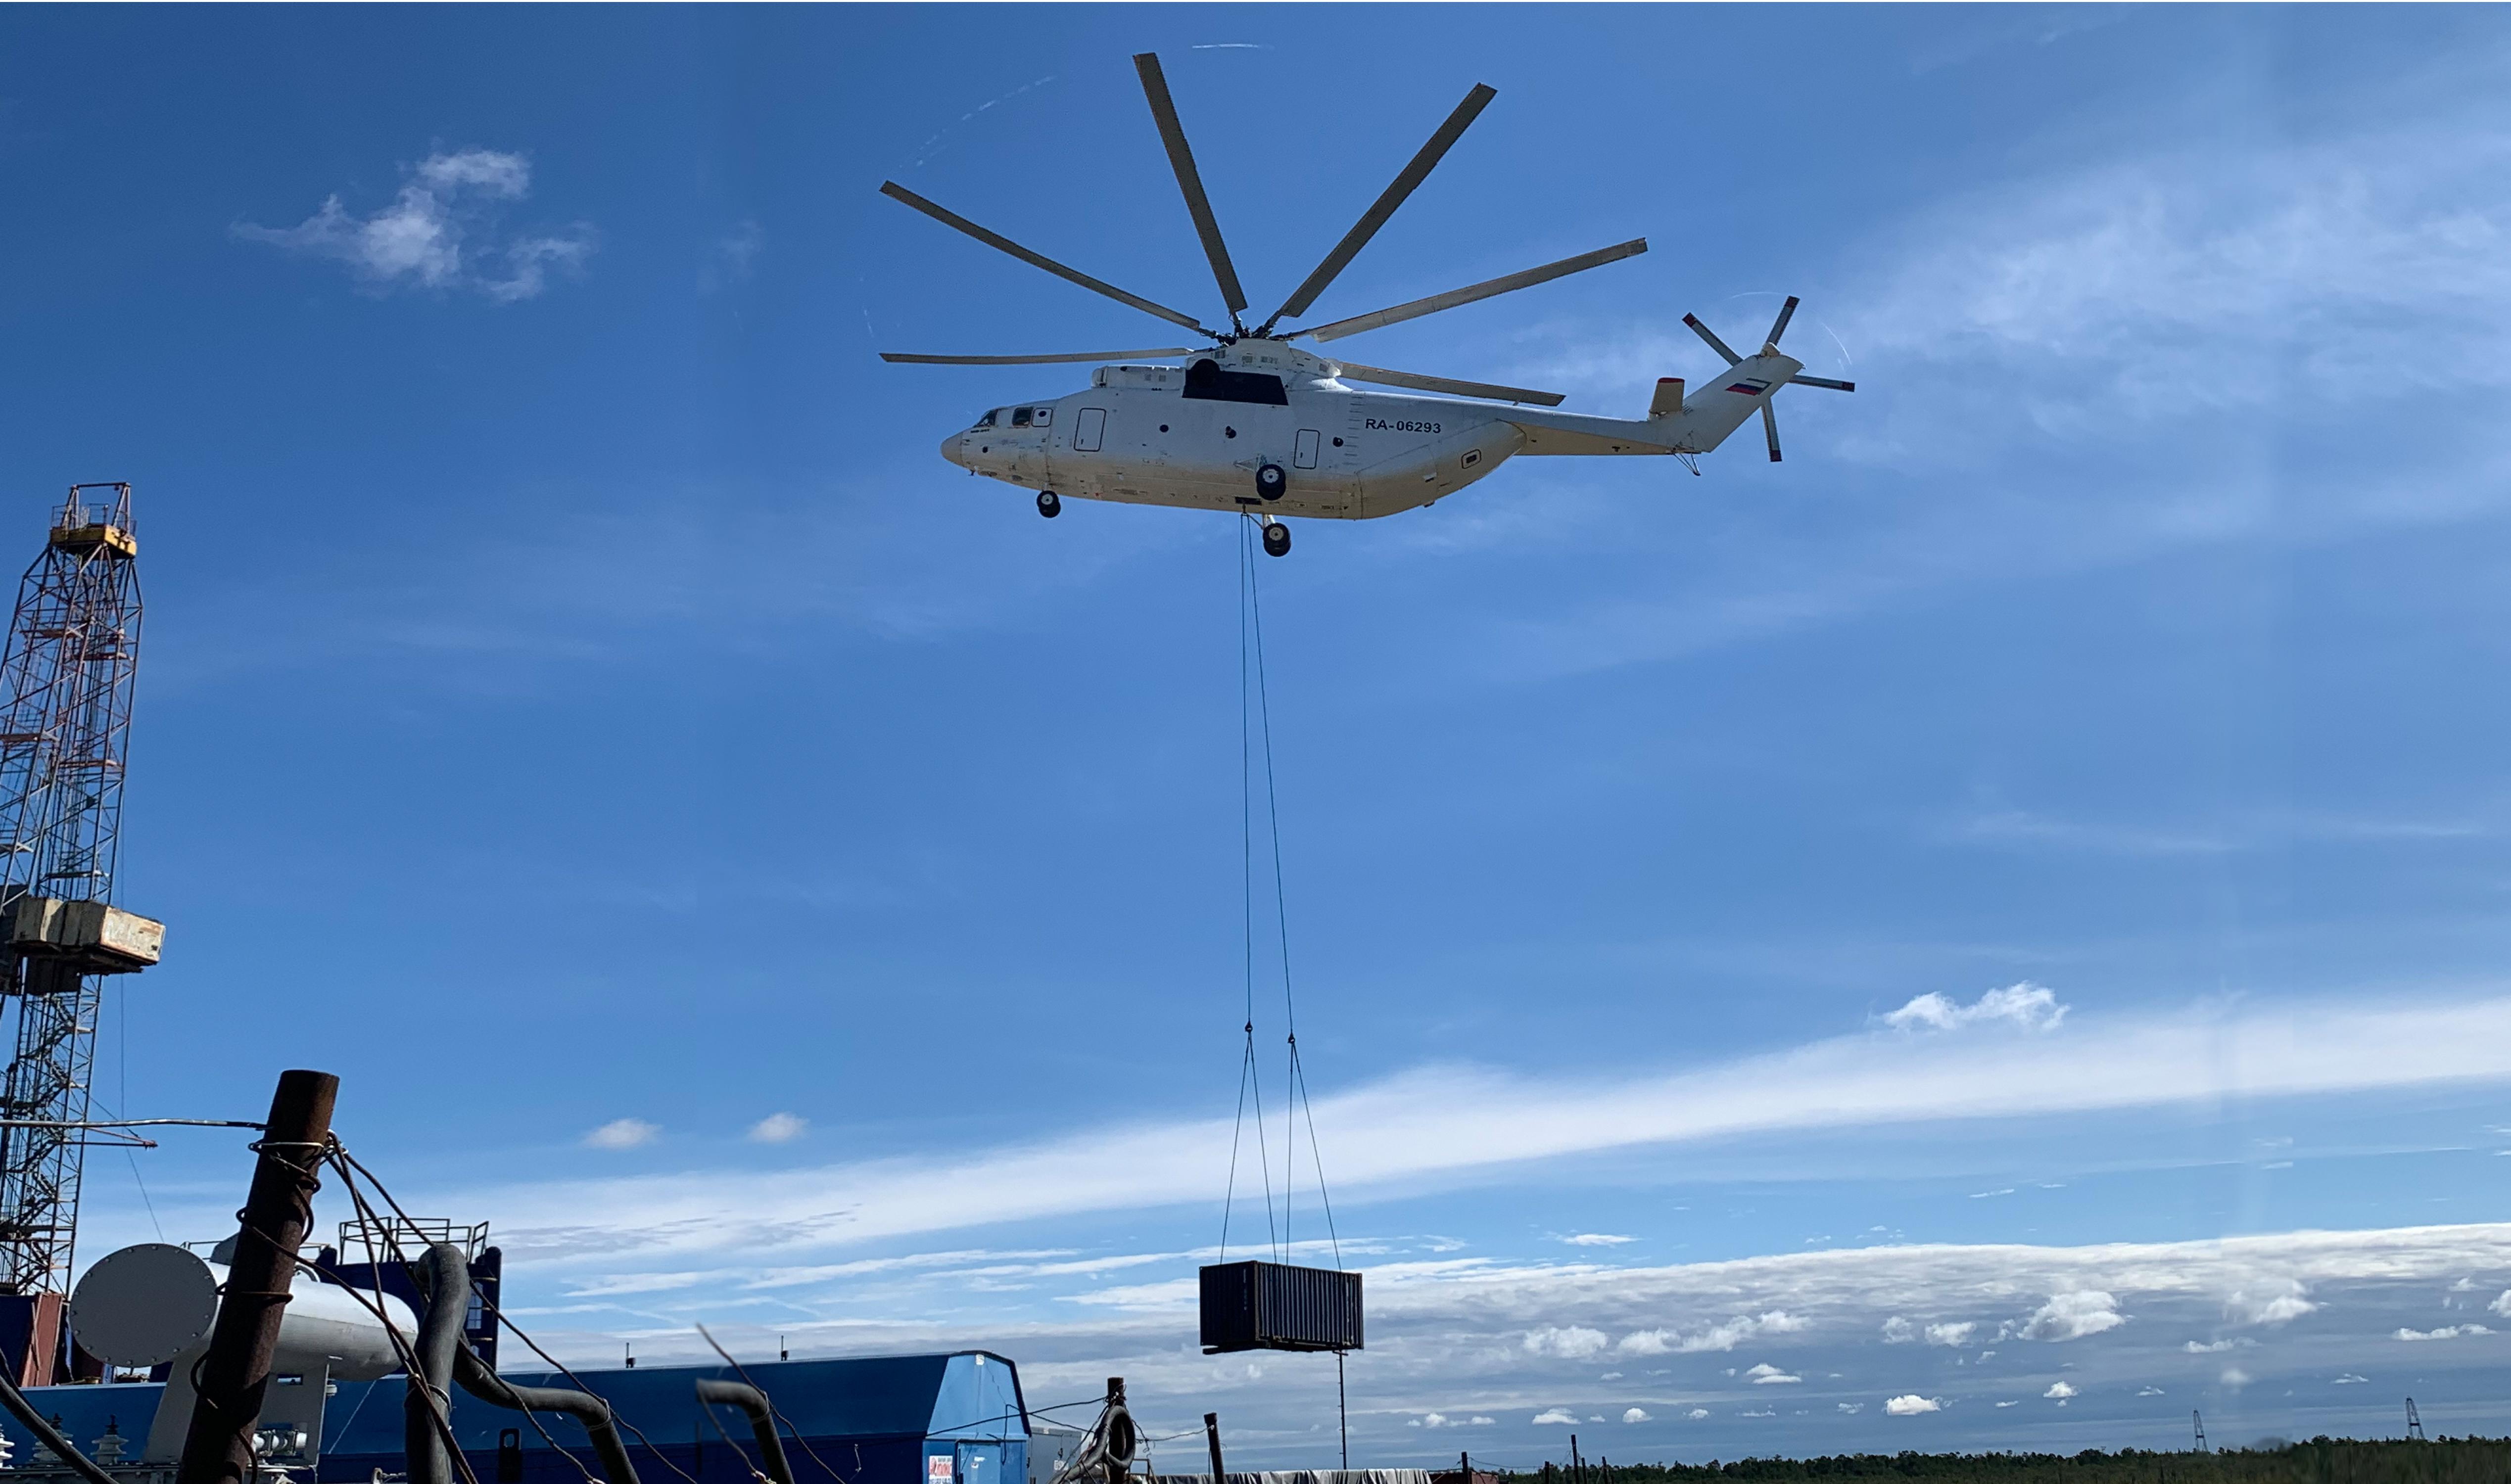 Запуск модульного флота ГРП с возможностью работы на «вертолётных» проектах в условиях автономии